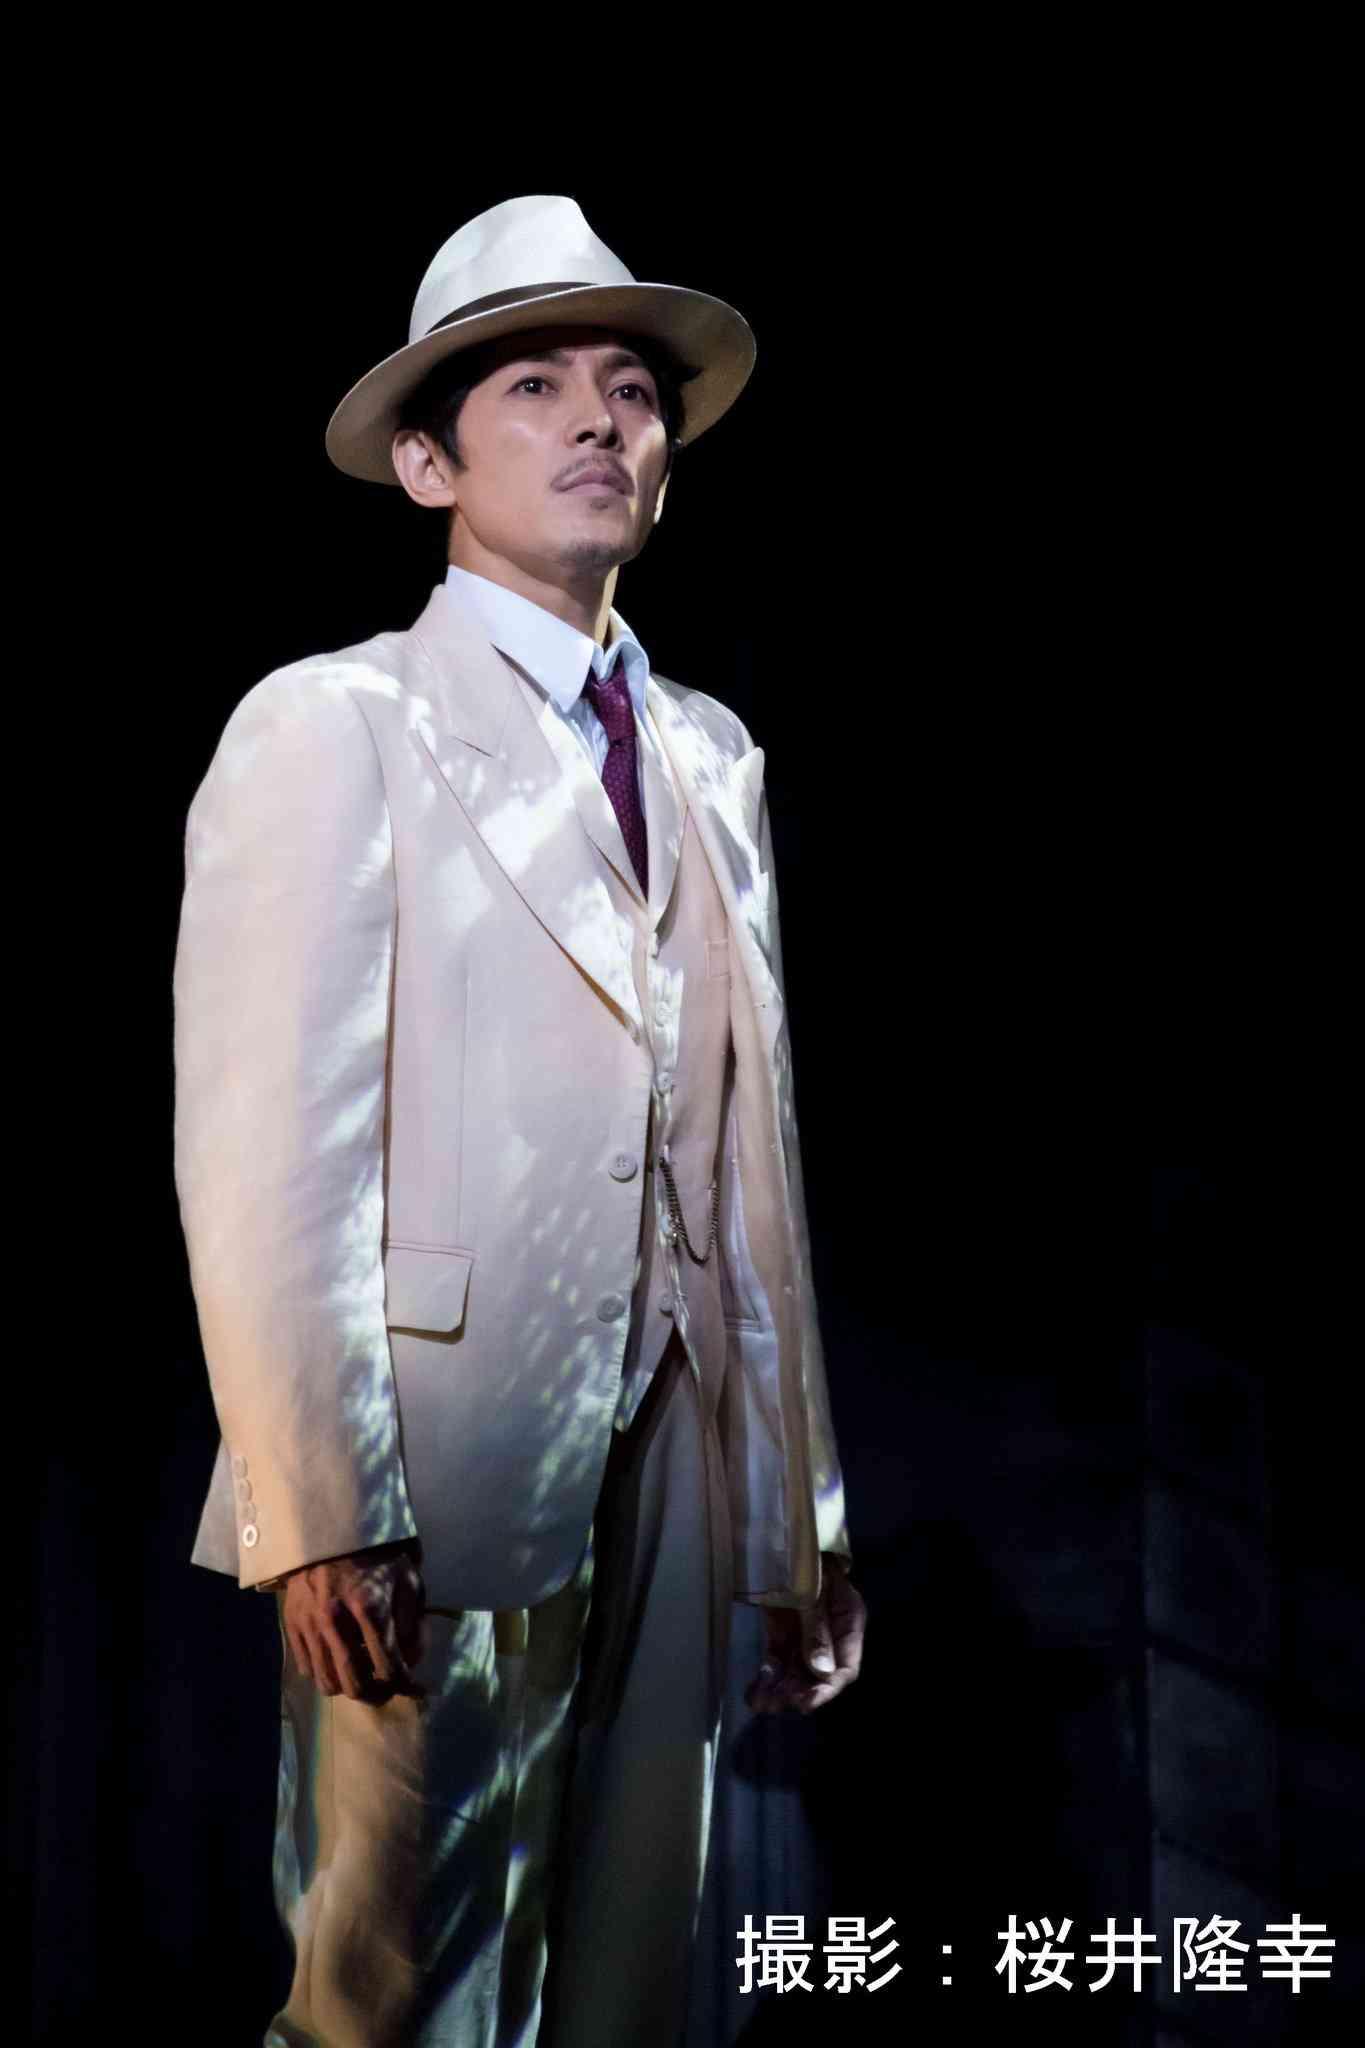 スーツが似合う芸能人を貼るトピ